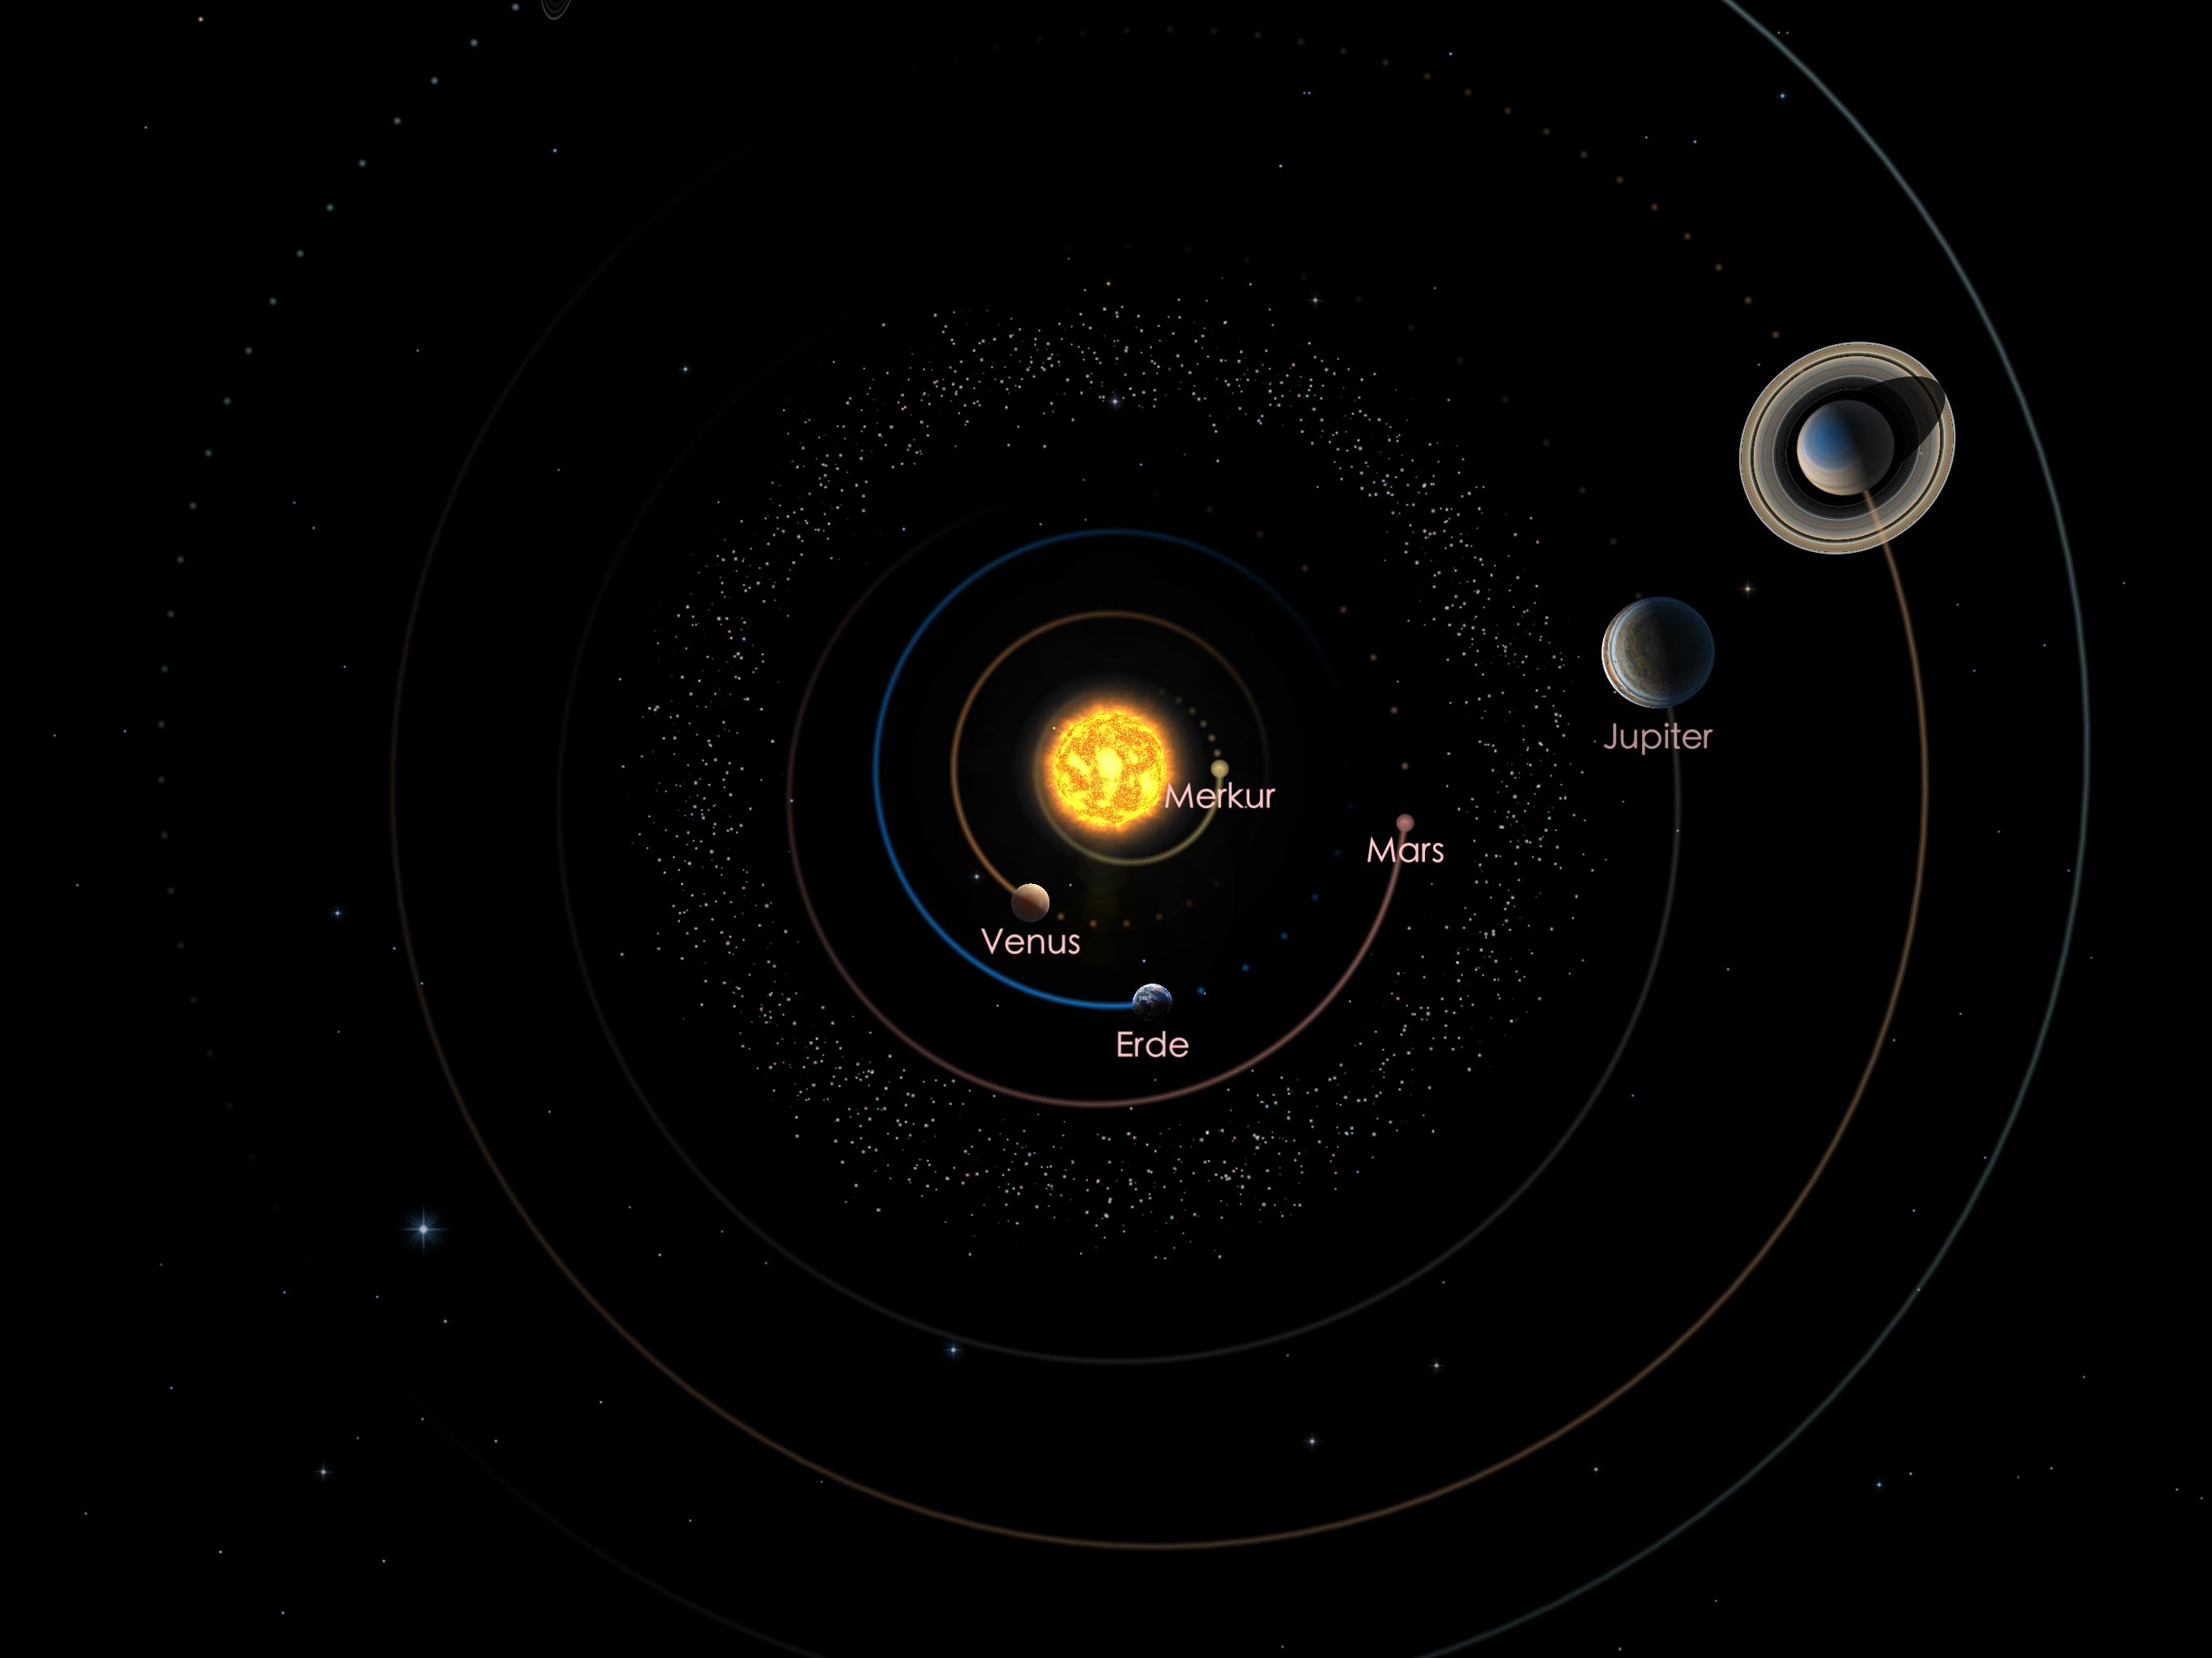 Die Positionen von Jupiter und Saturn am 01.04.20